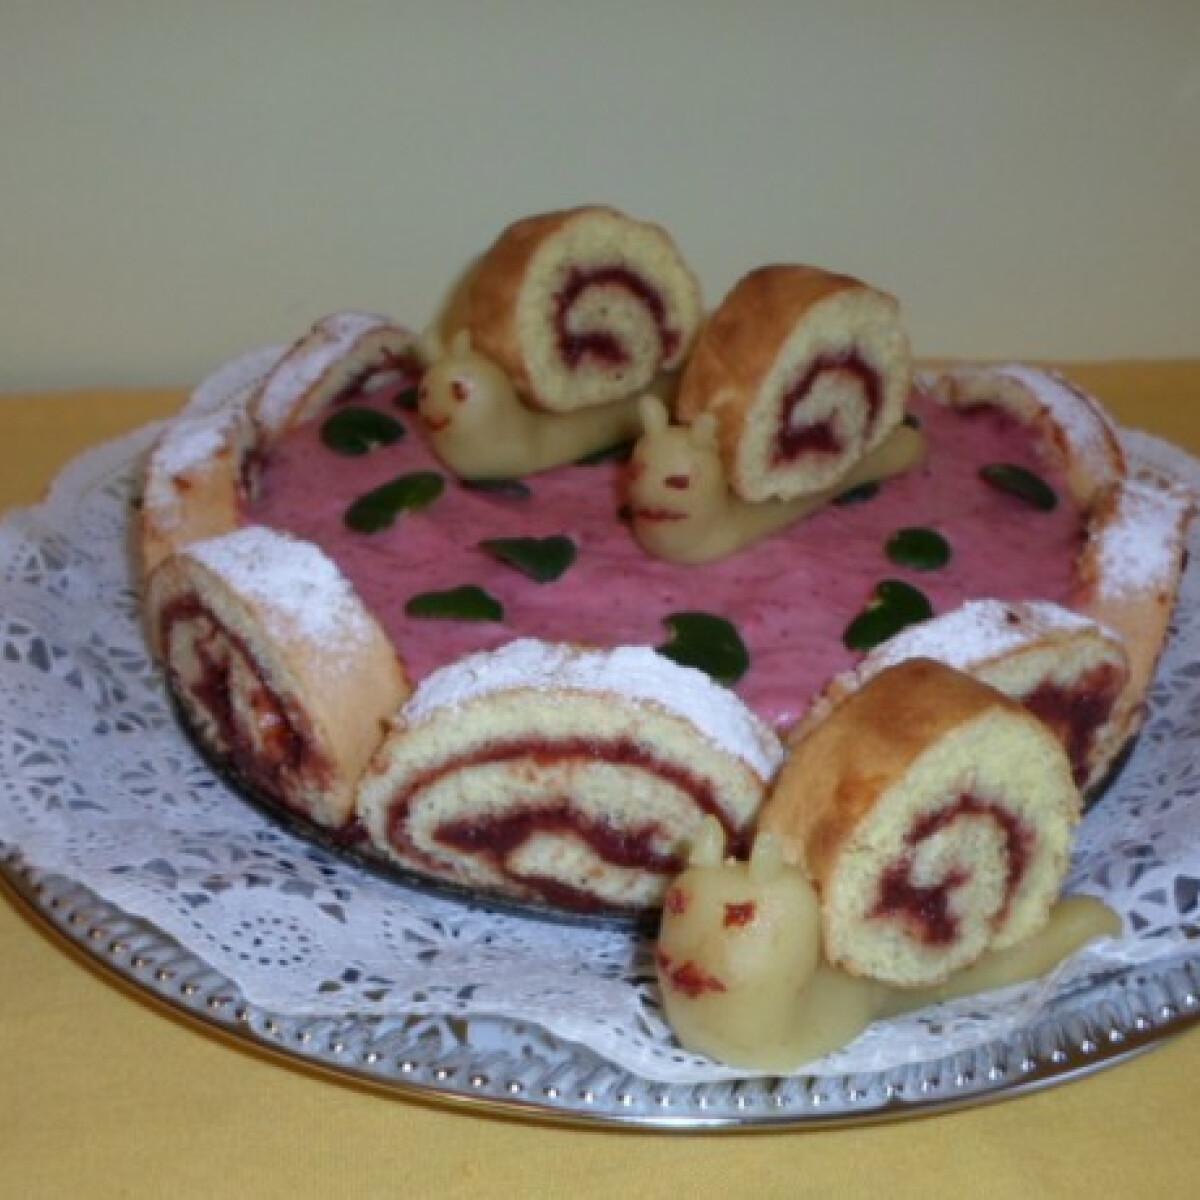 Ezen a képen: Epres charlotte torta marcipán csigákkal